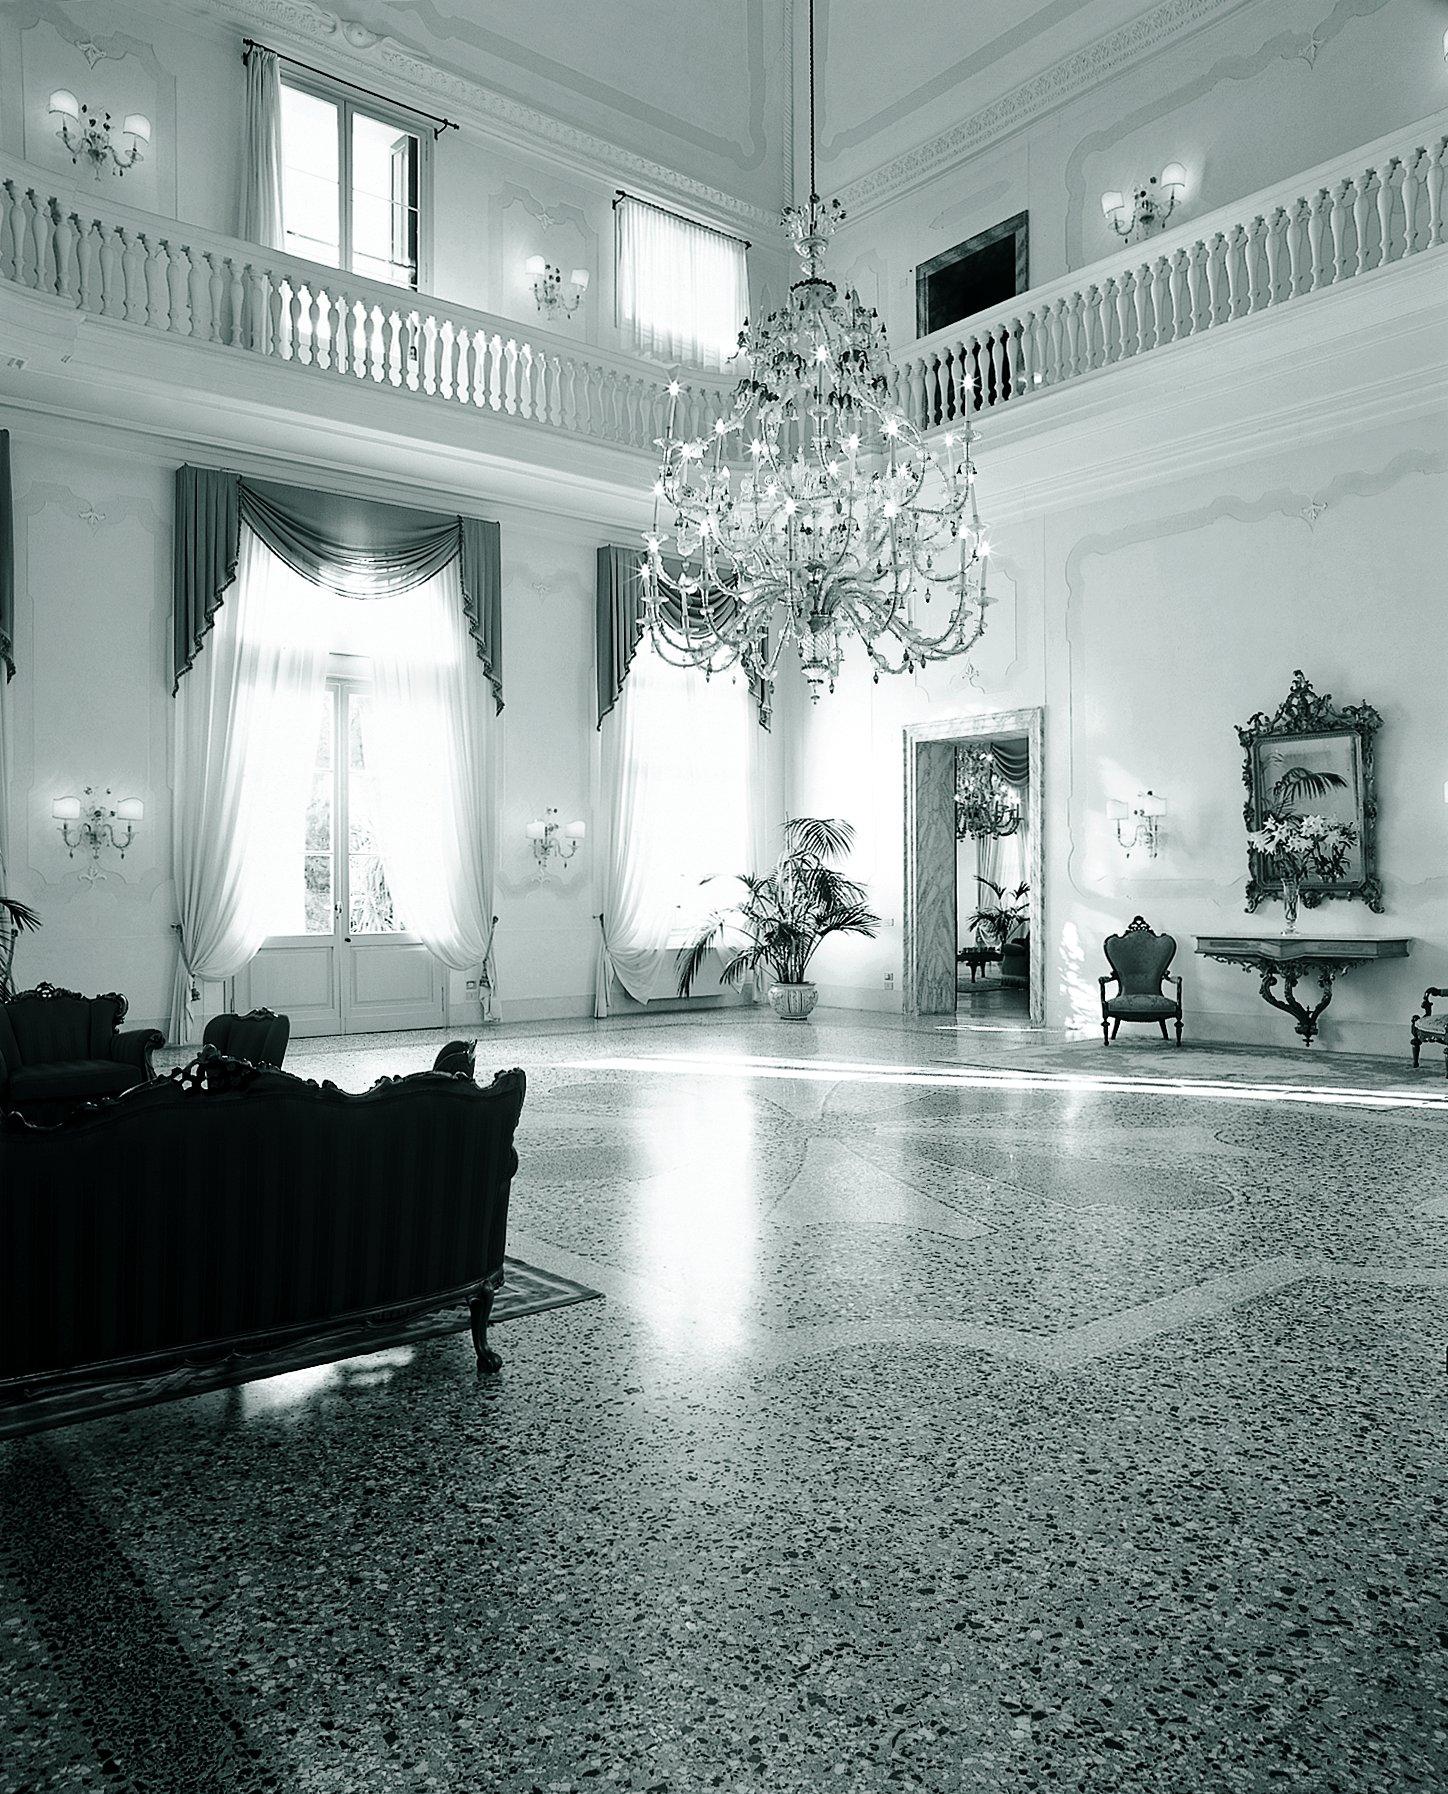 Villa Sandi inside